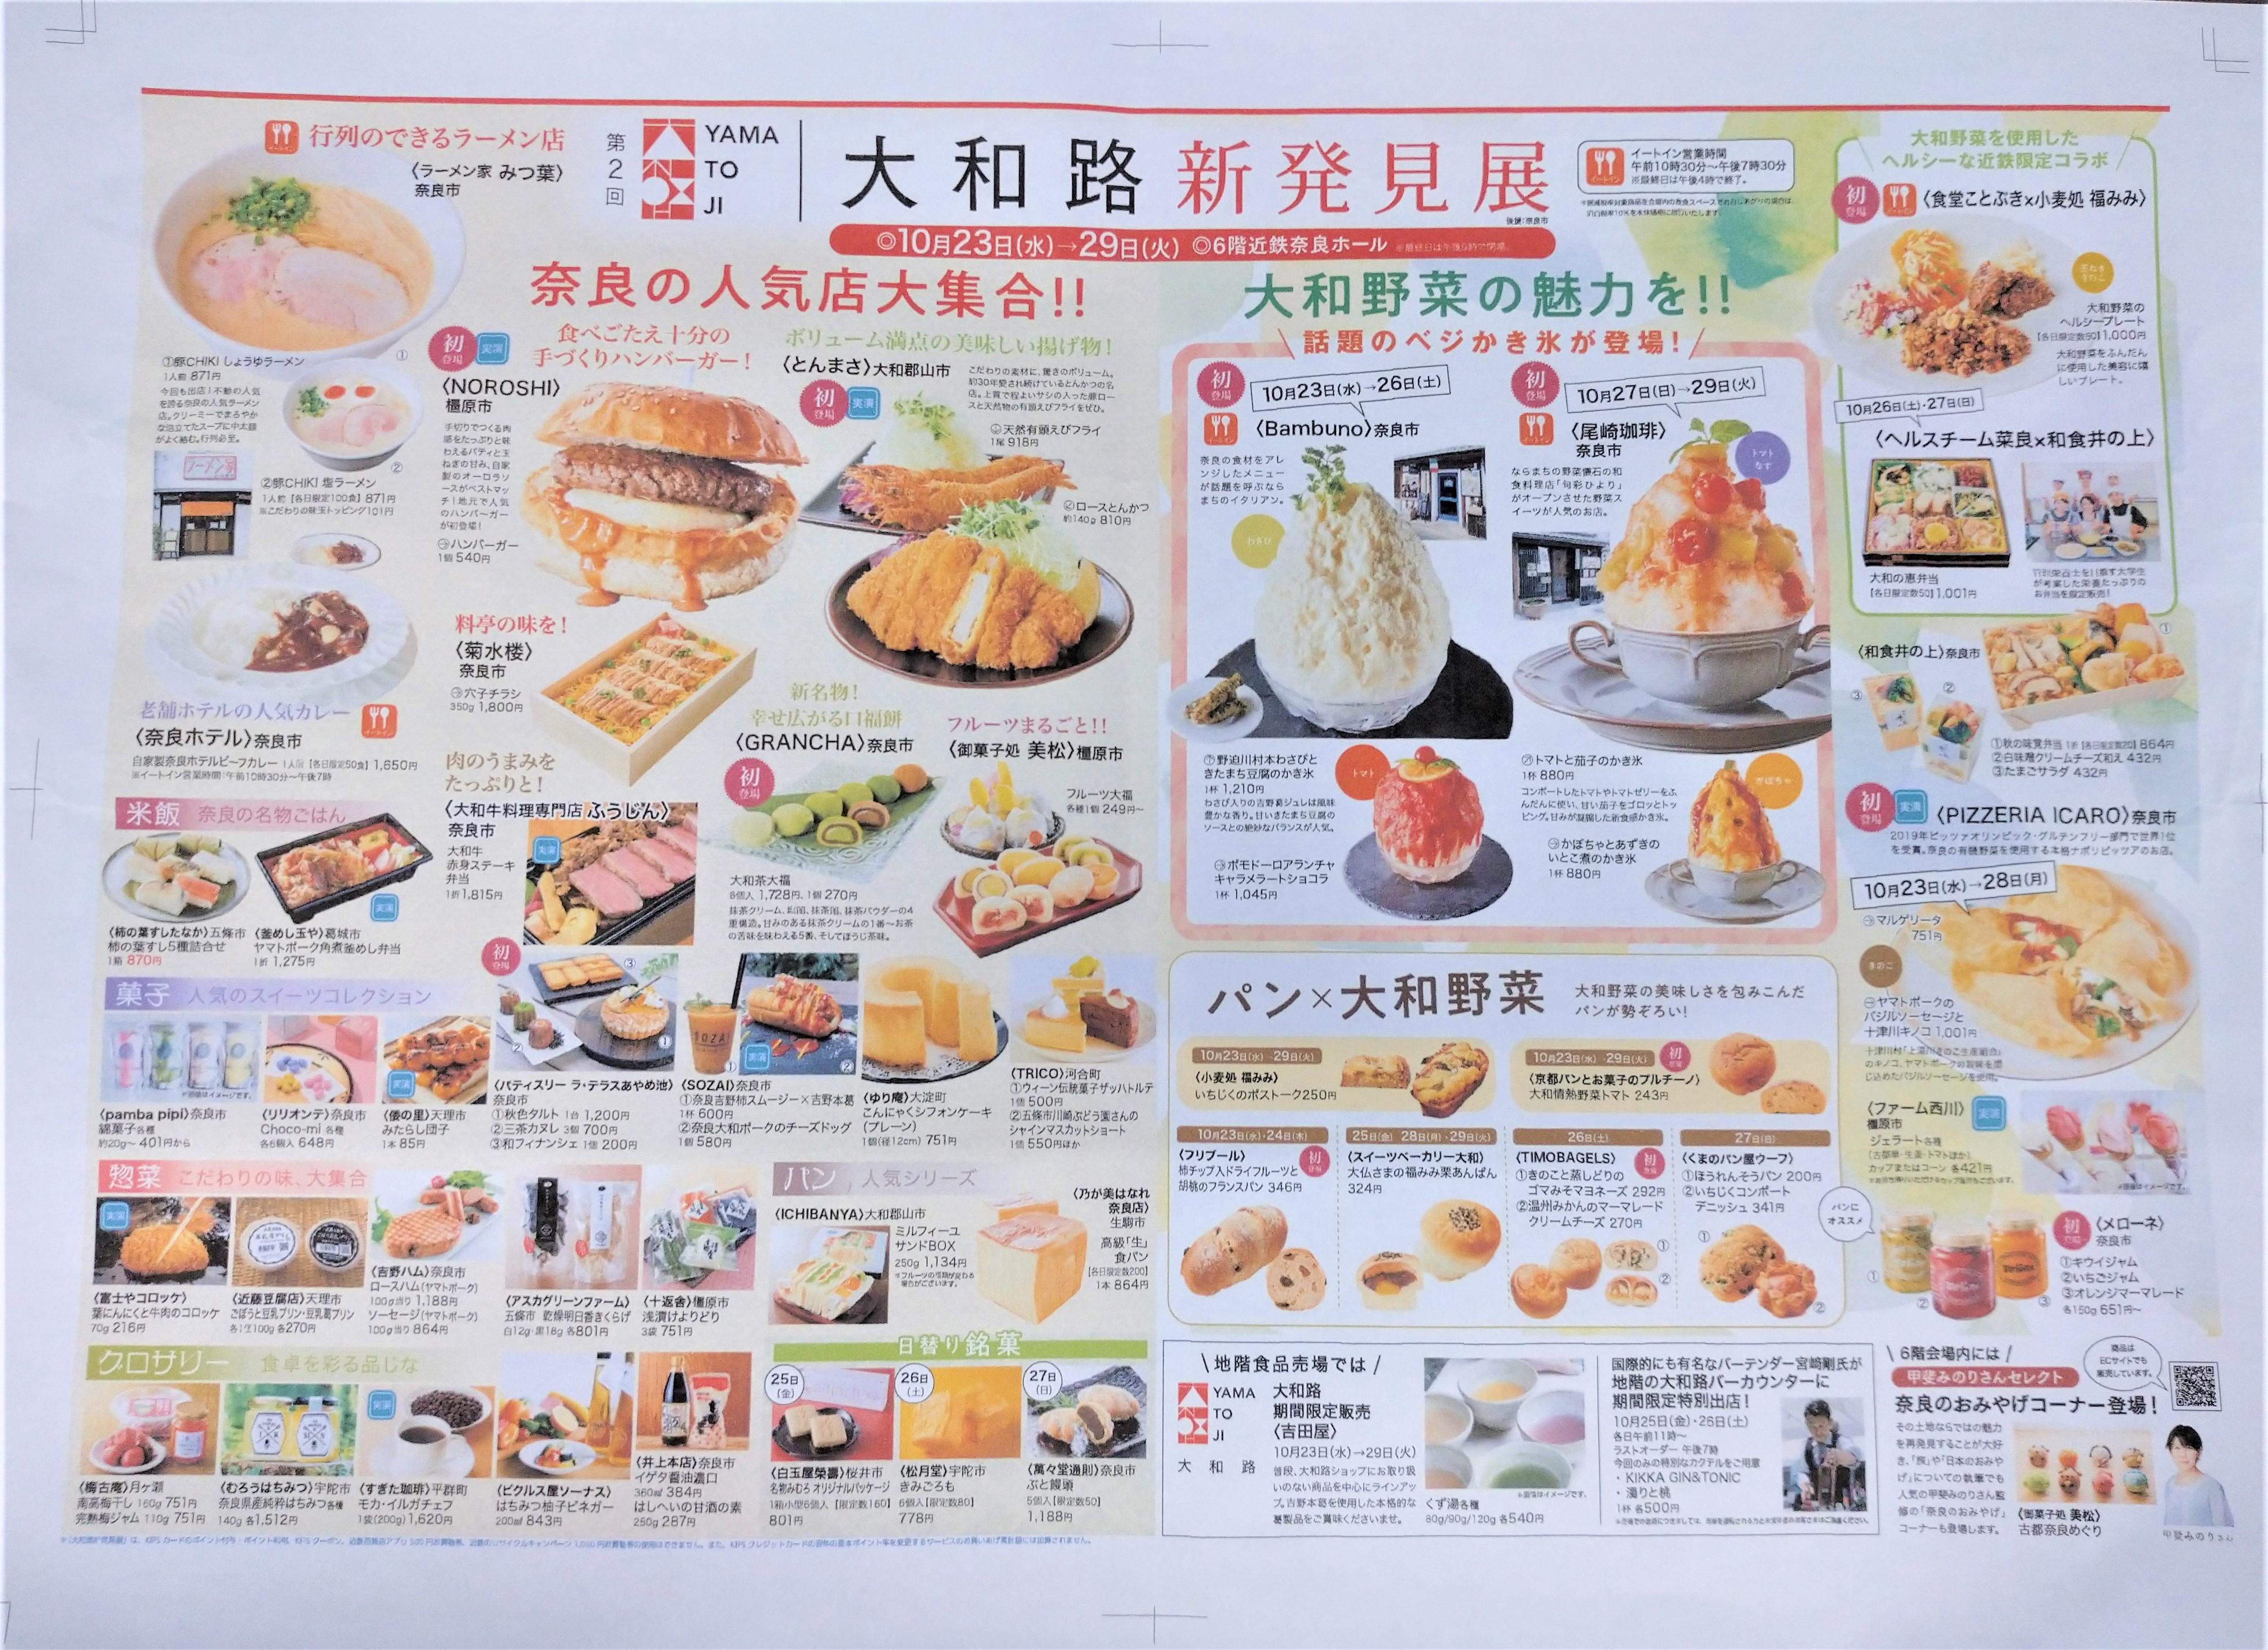 【奈良】近鉄百貨店奈良店「大和路新発見展」に出店します!